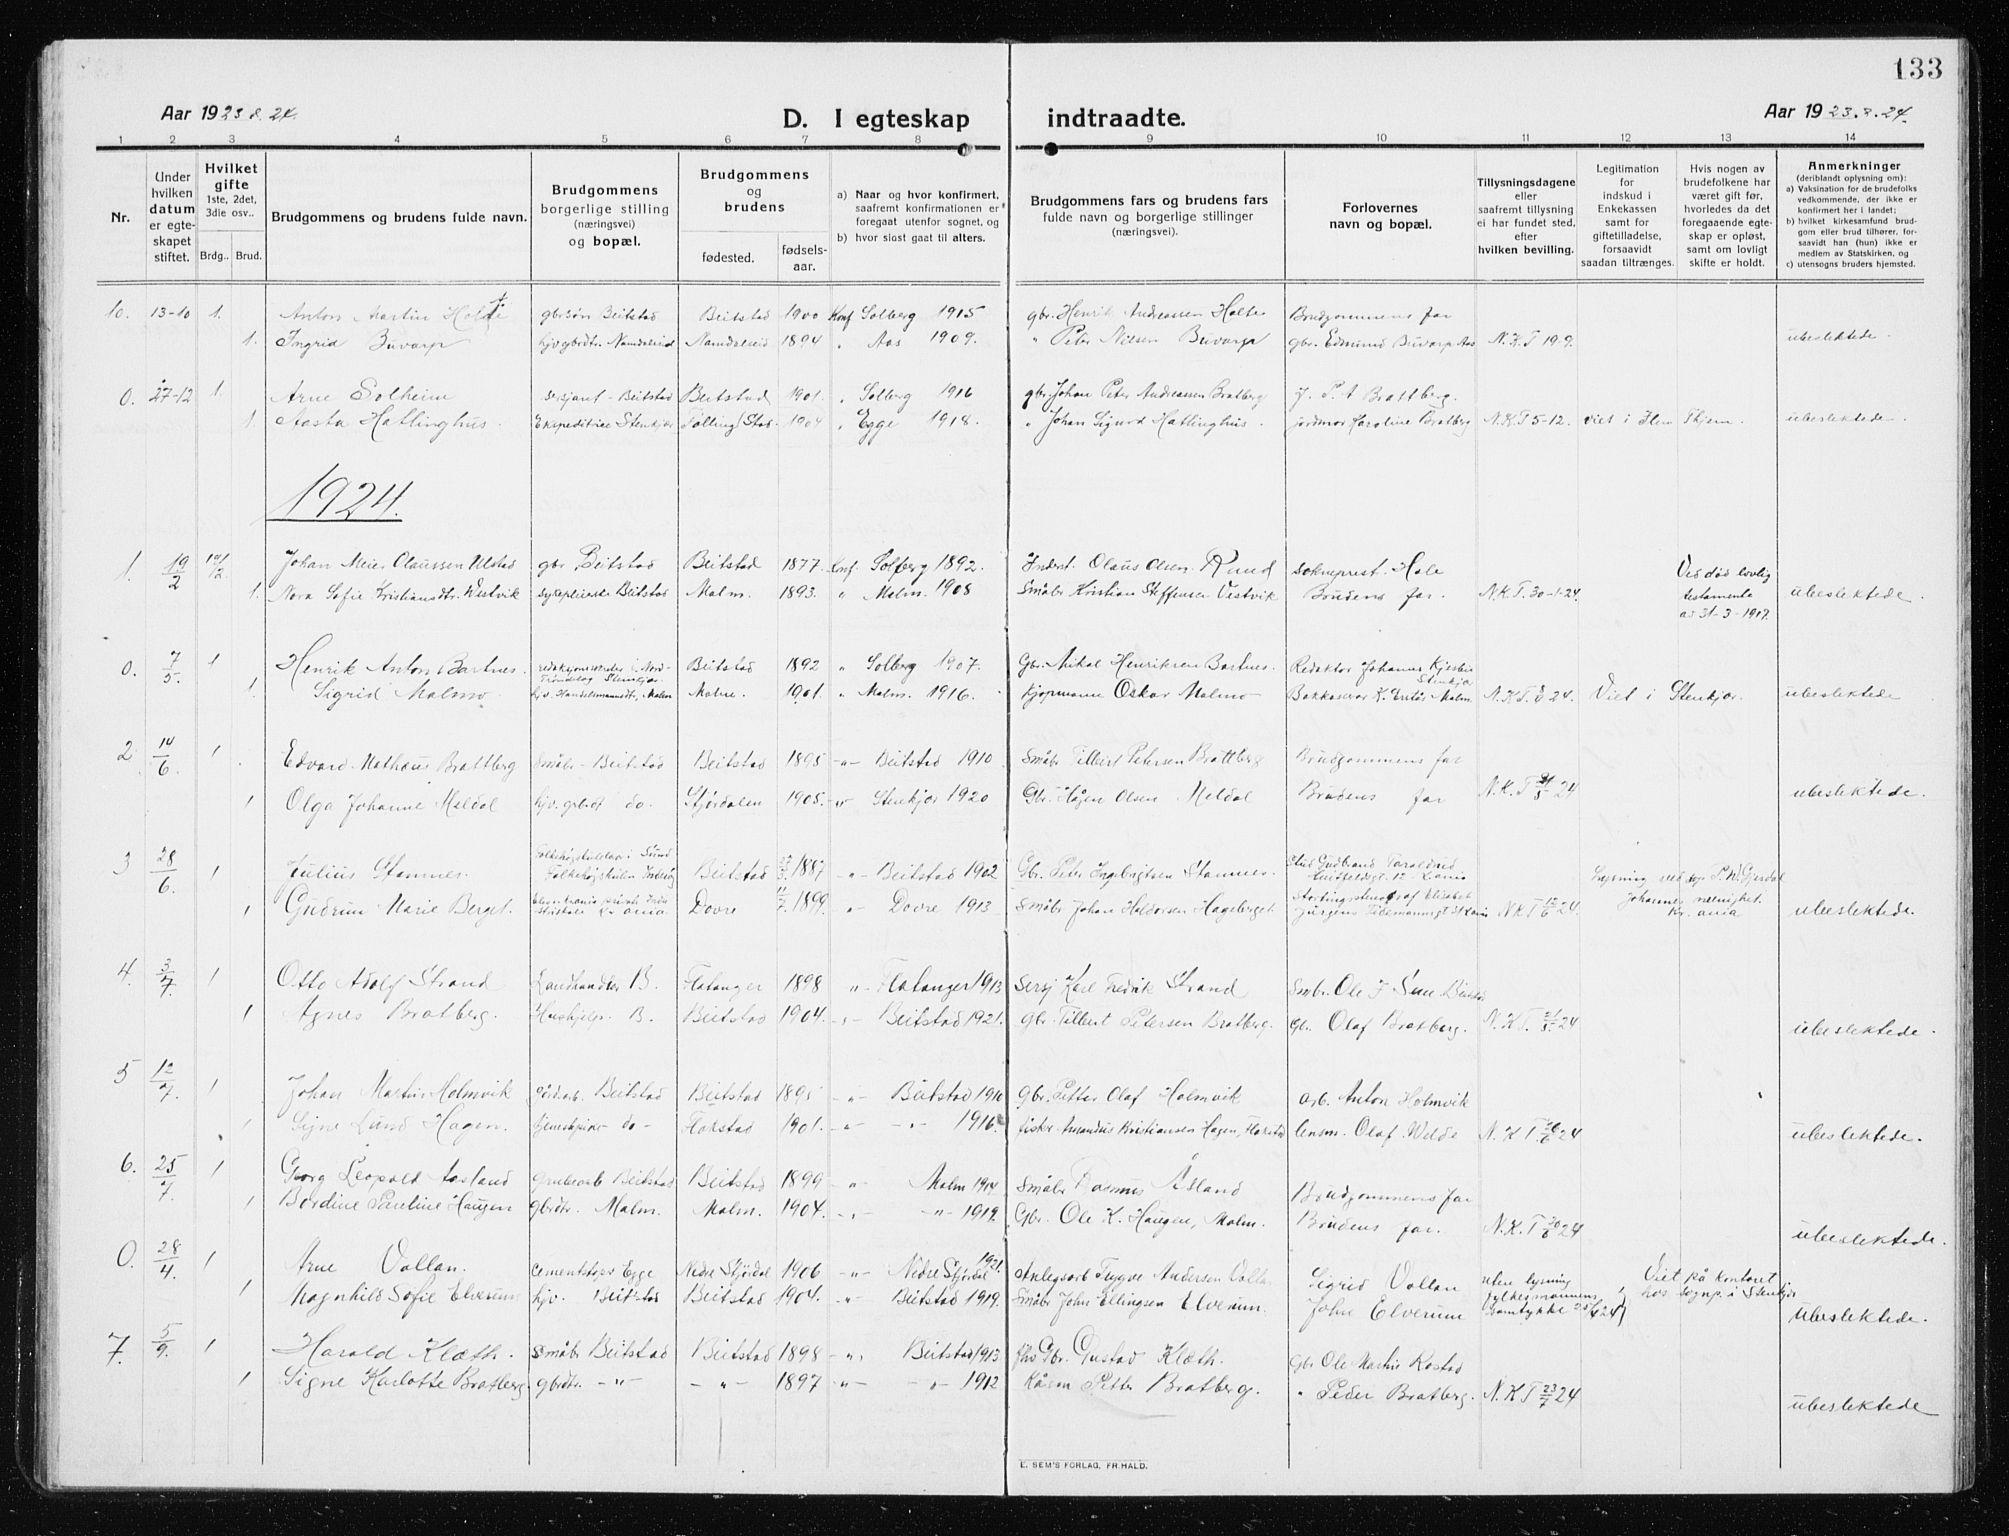 SAT, Ministerialprotokoller, klokkerbøker og fødselsregistre - Nord-Trøndelag, 741/L0402: Klokkerbok nr. 741C03, 1911-1926, s. 133